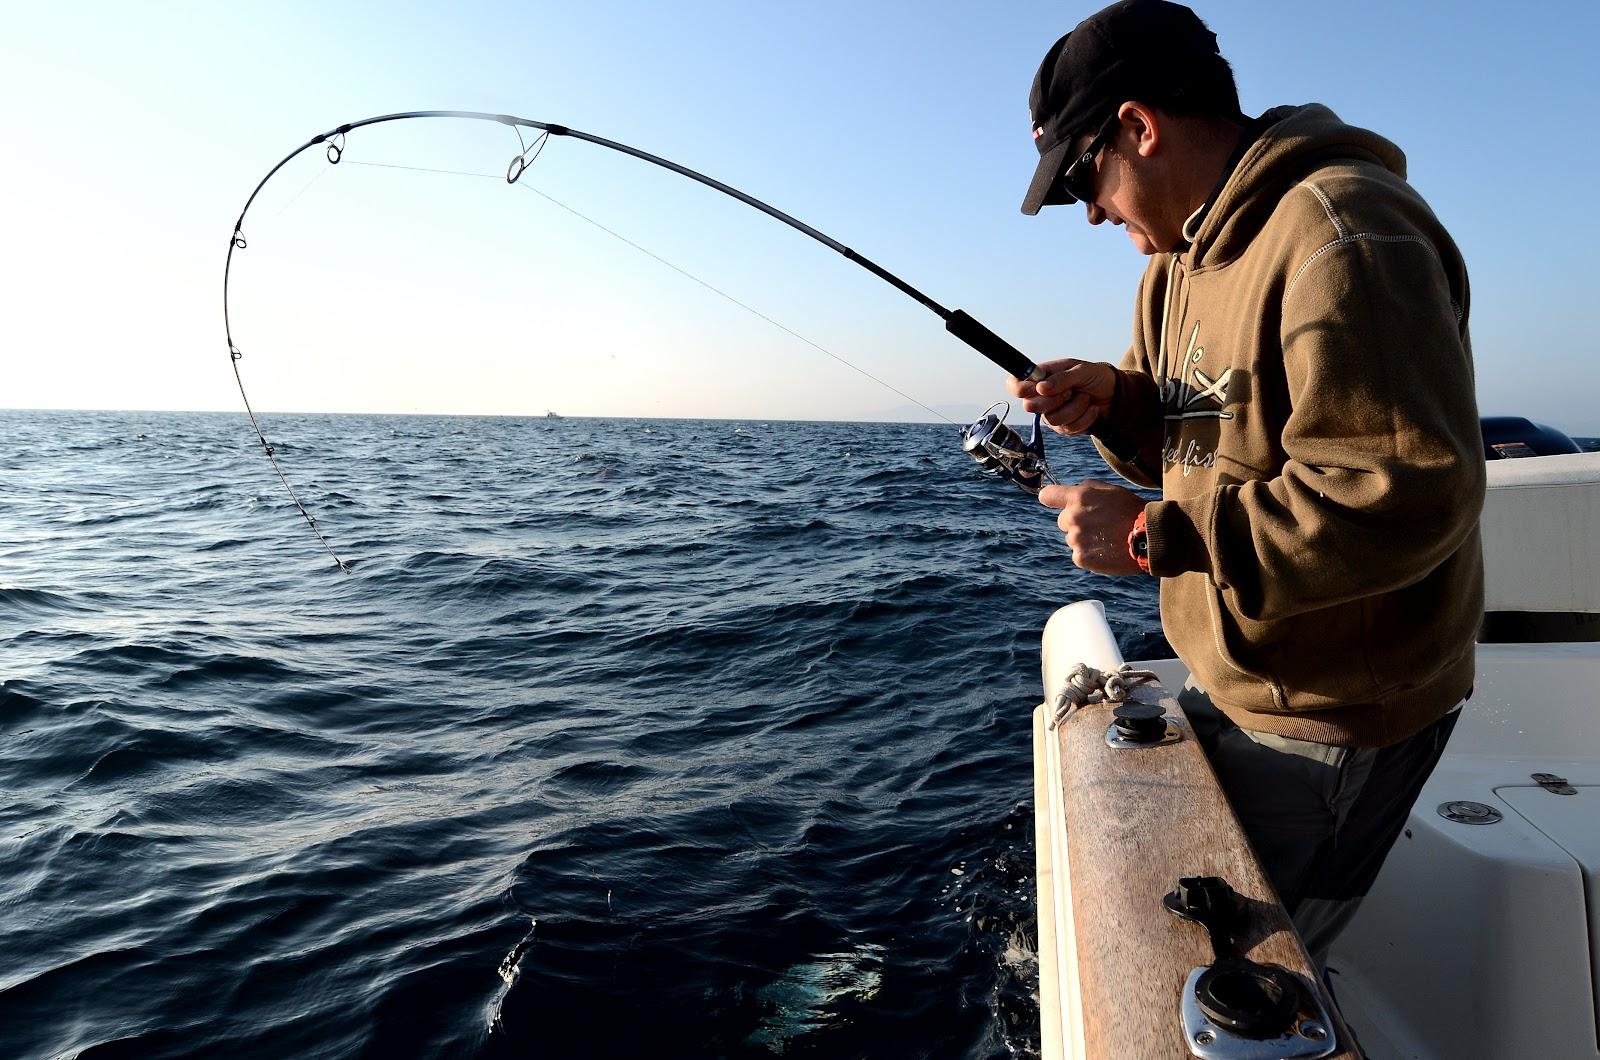 deporte de pesca en mar abierto